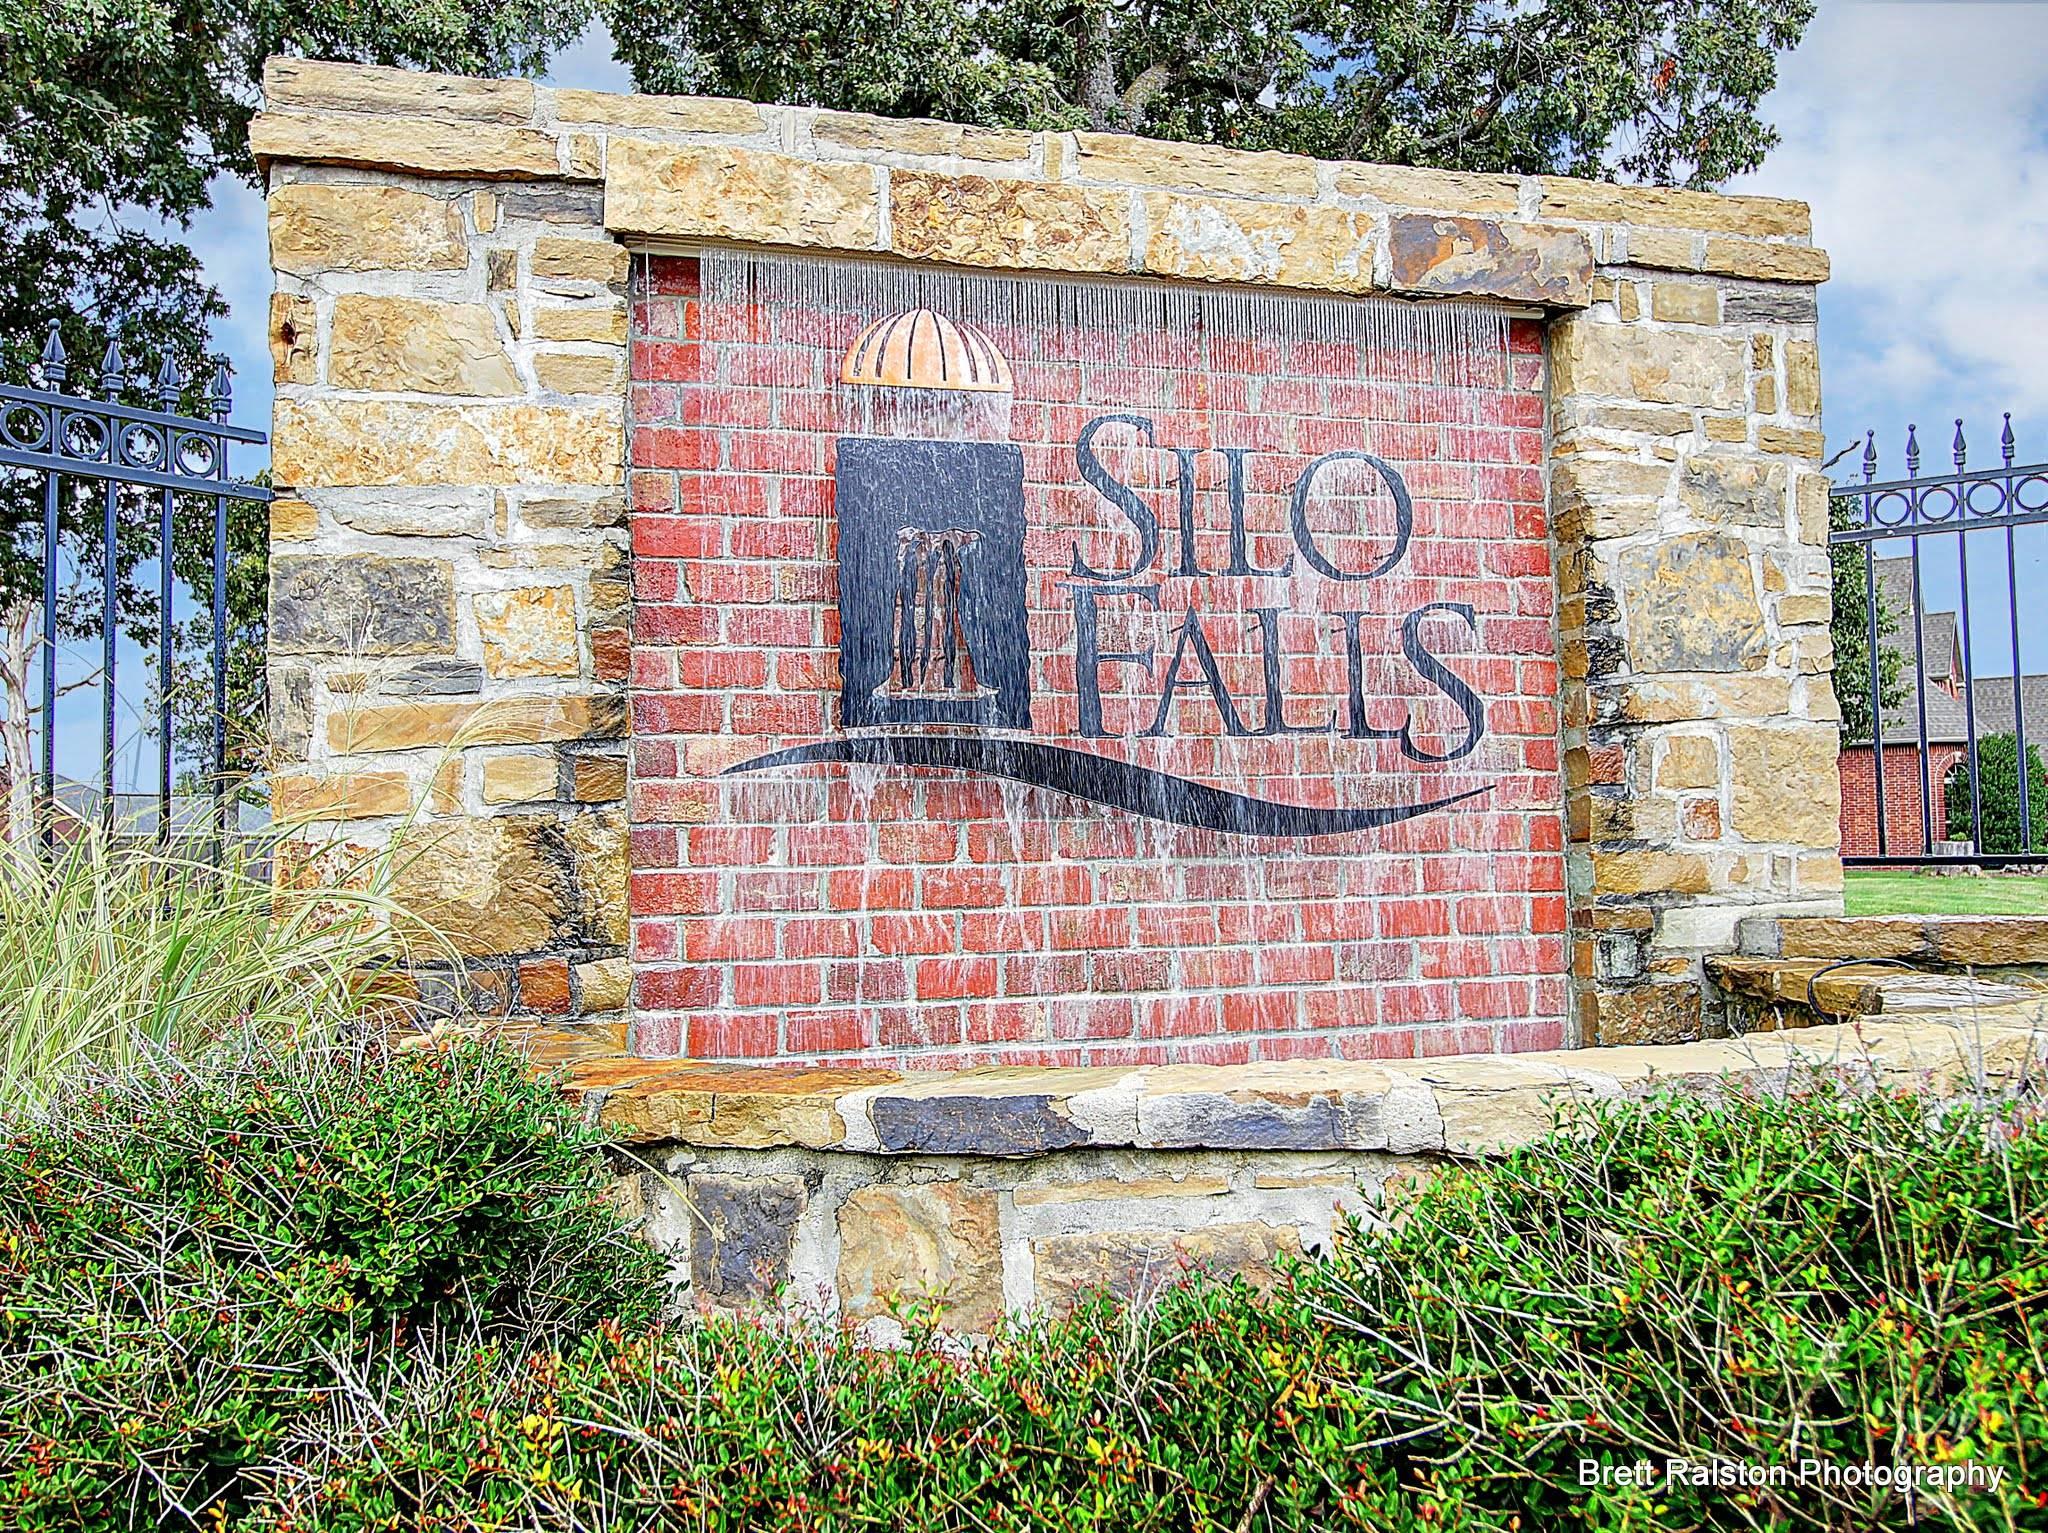 Silo Falls Subdivision in Rogers, AR